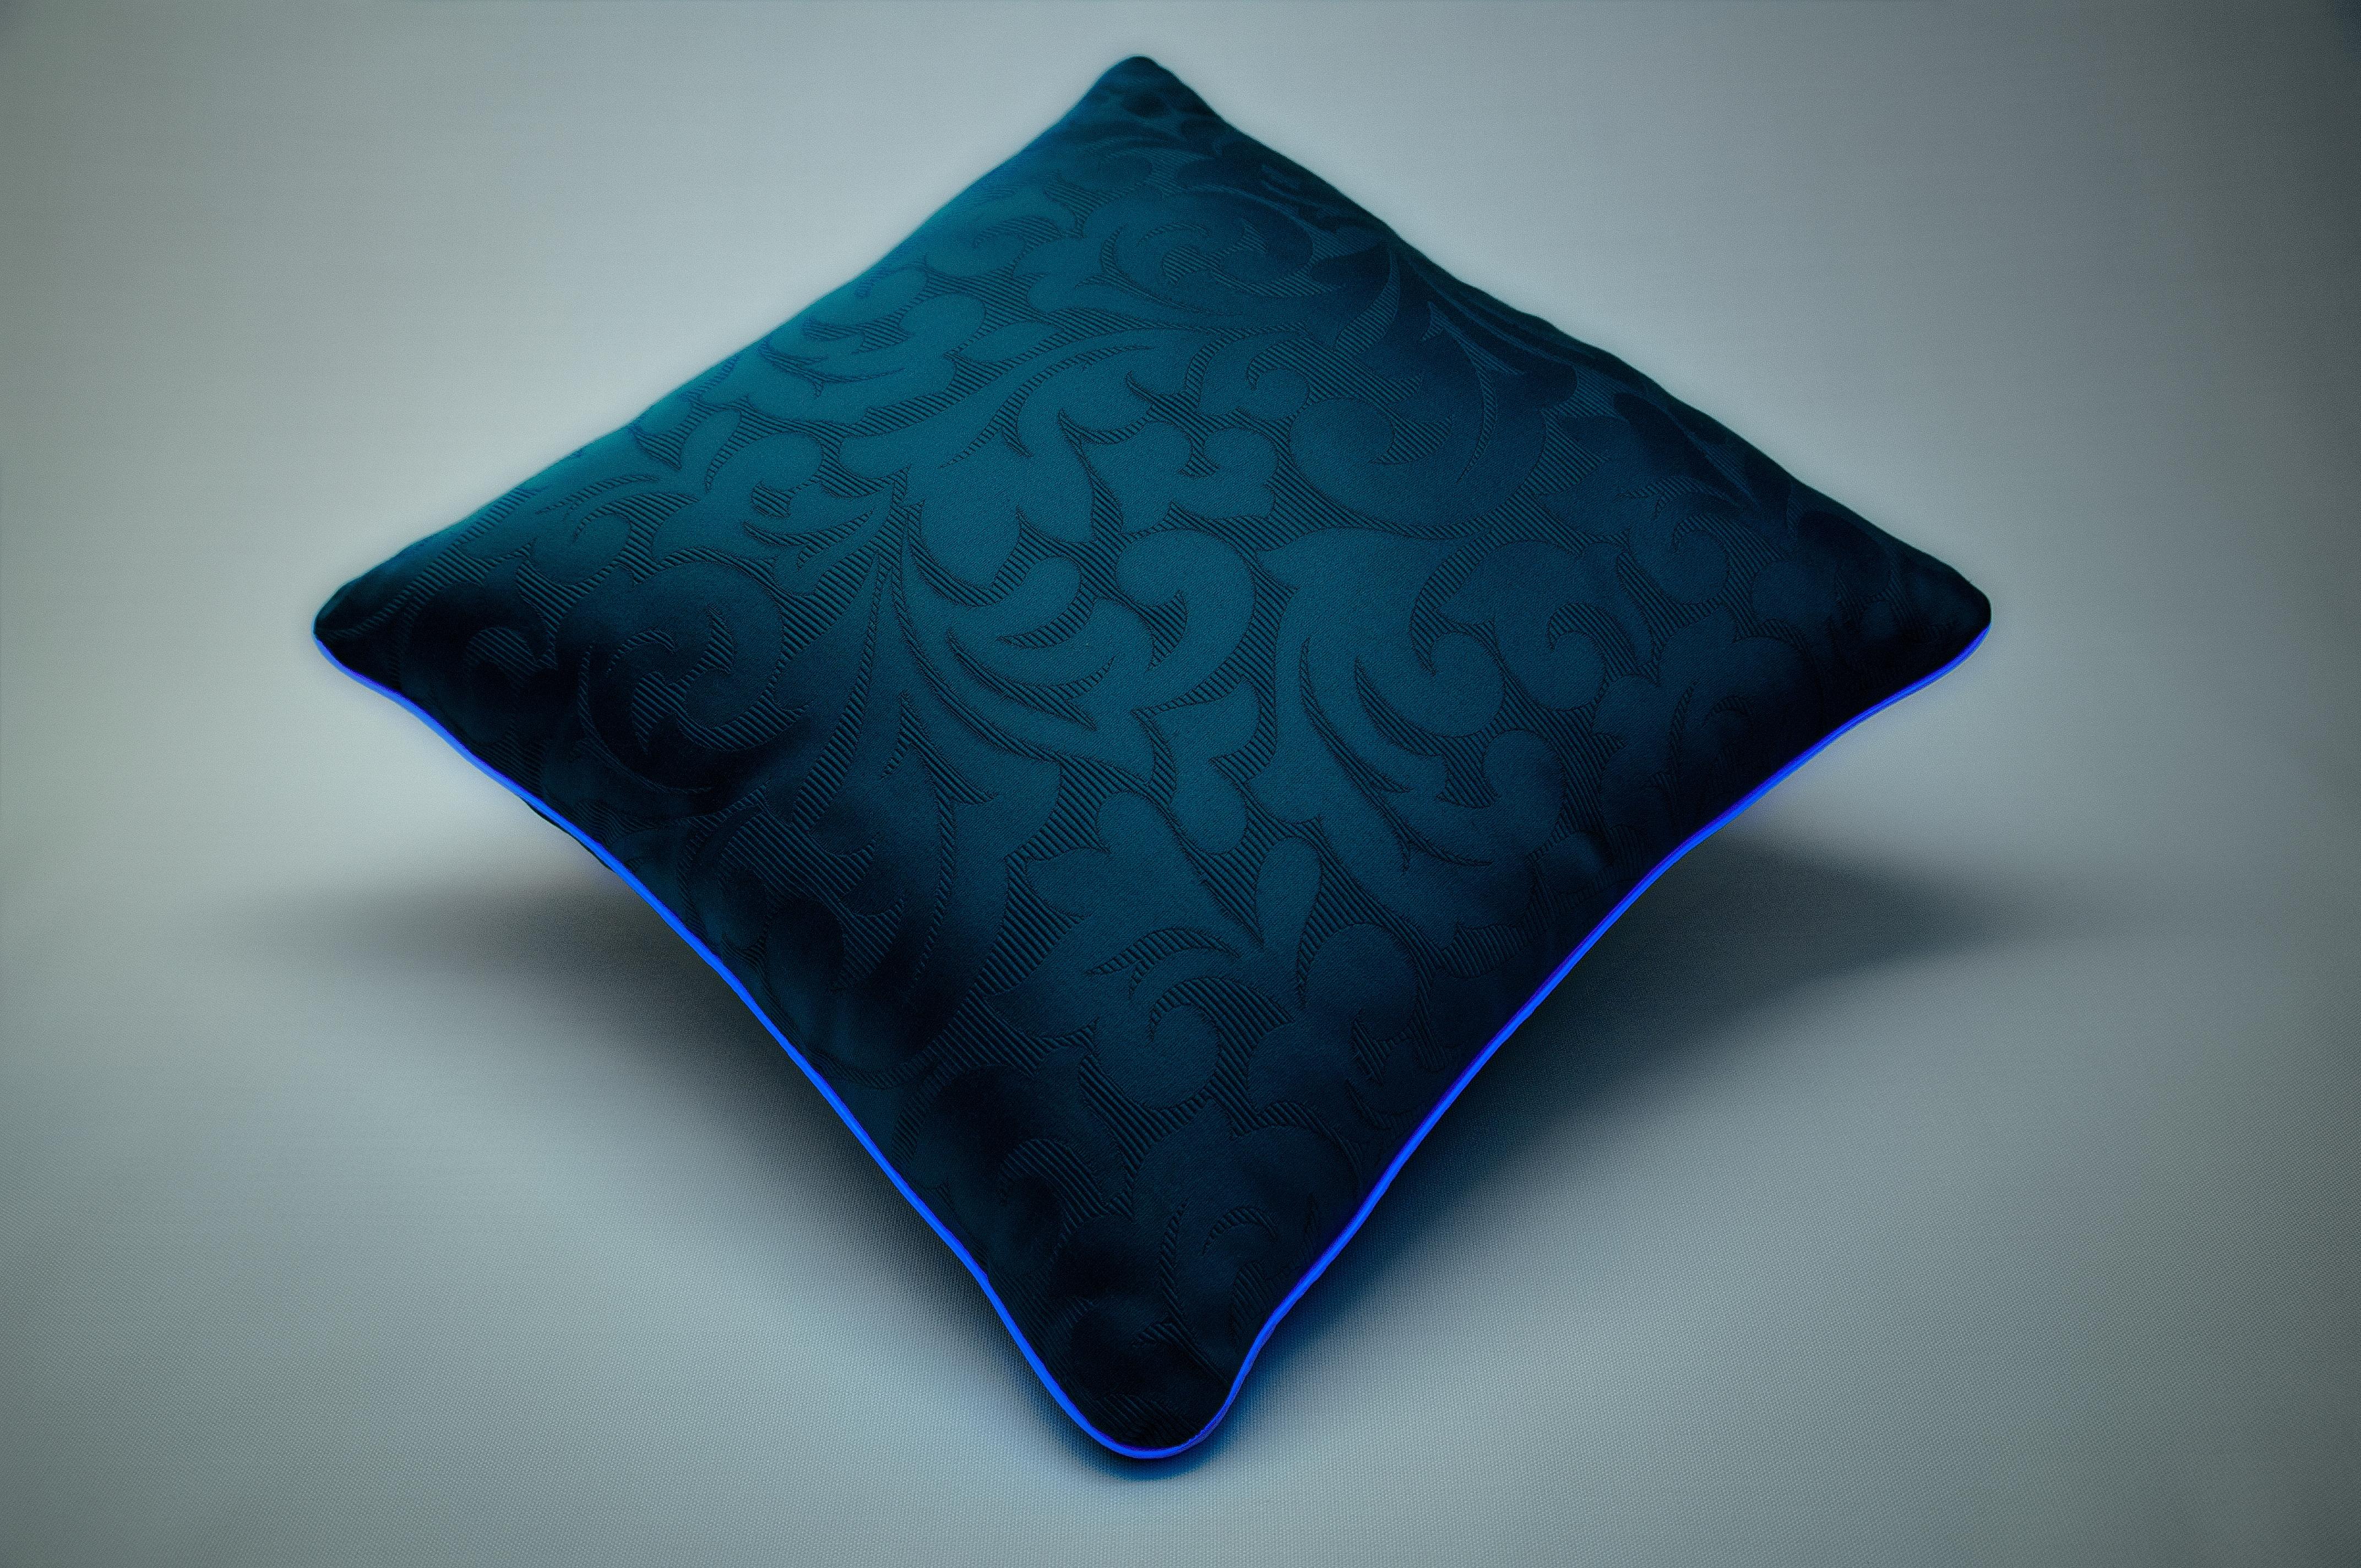 Cuscino luminoso Blue Jacquard